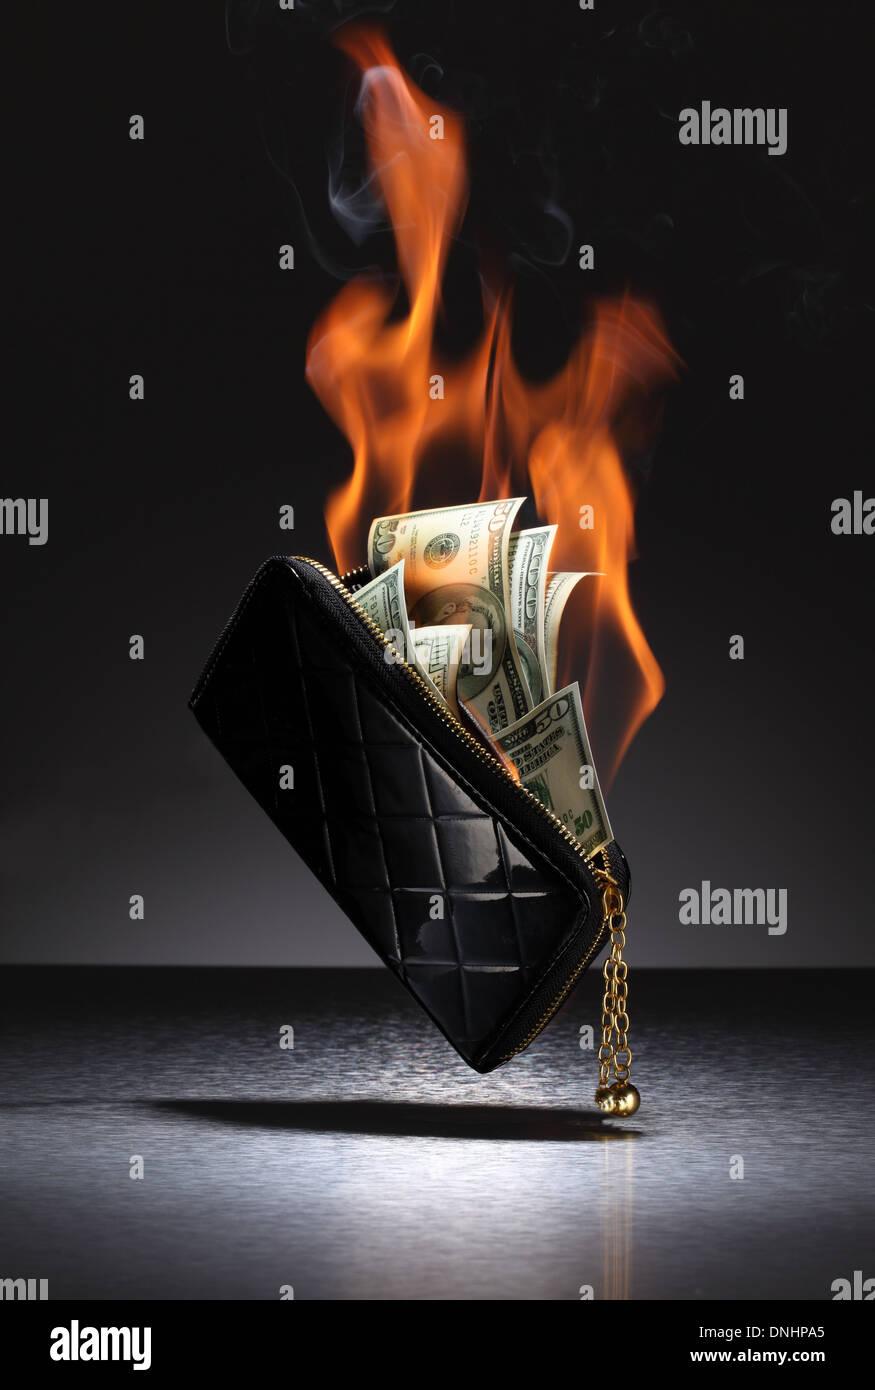 Eine braune Leder-Geldbörse mit Kreditkarten und Geld auf Feuer gefüllt. Stockfoto